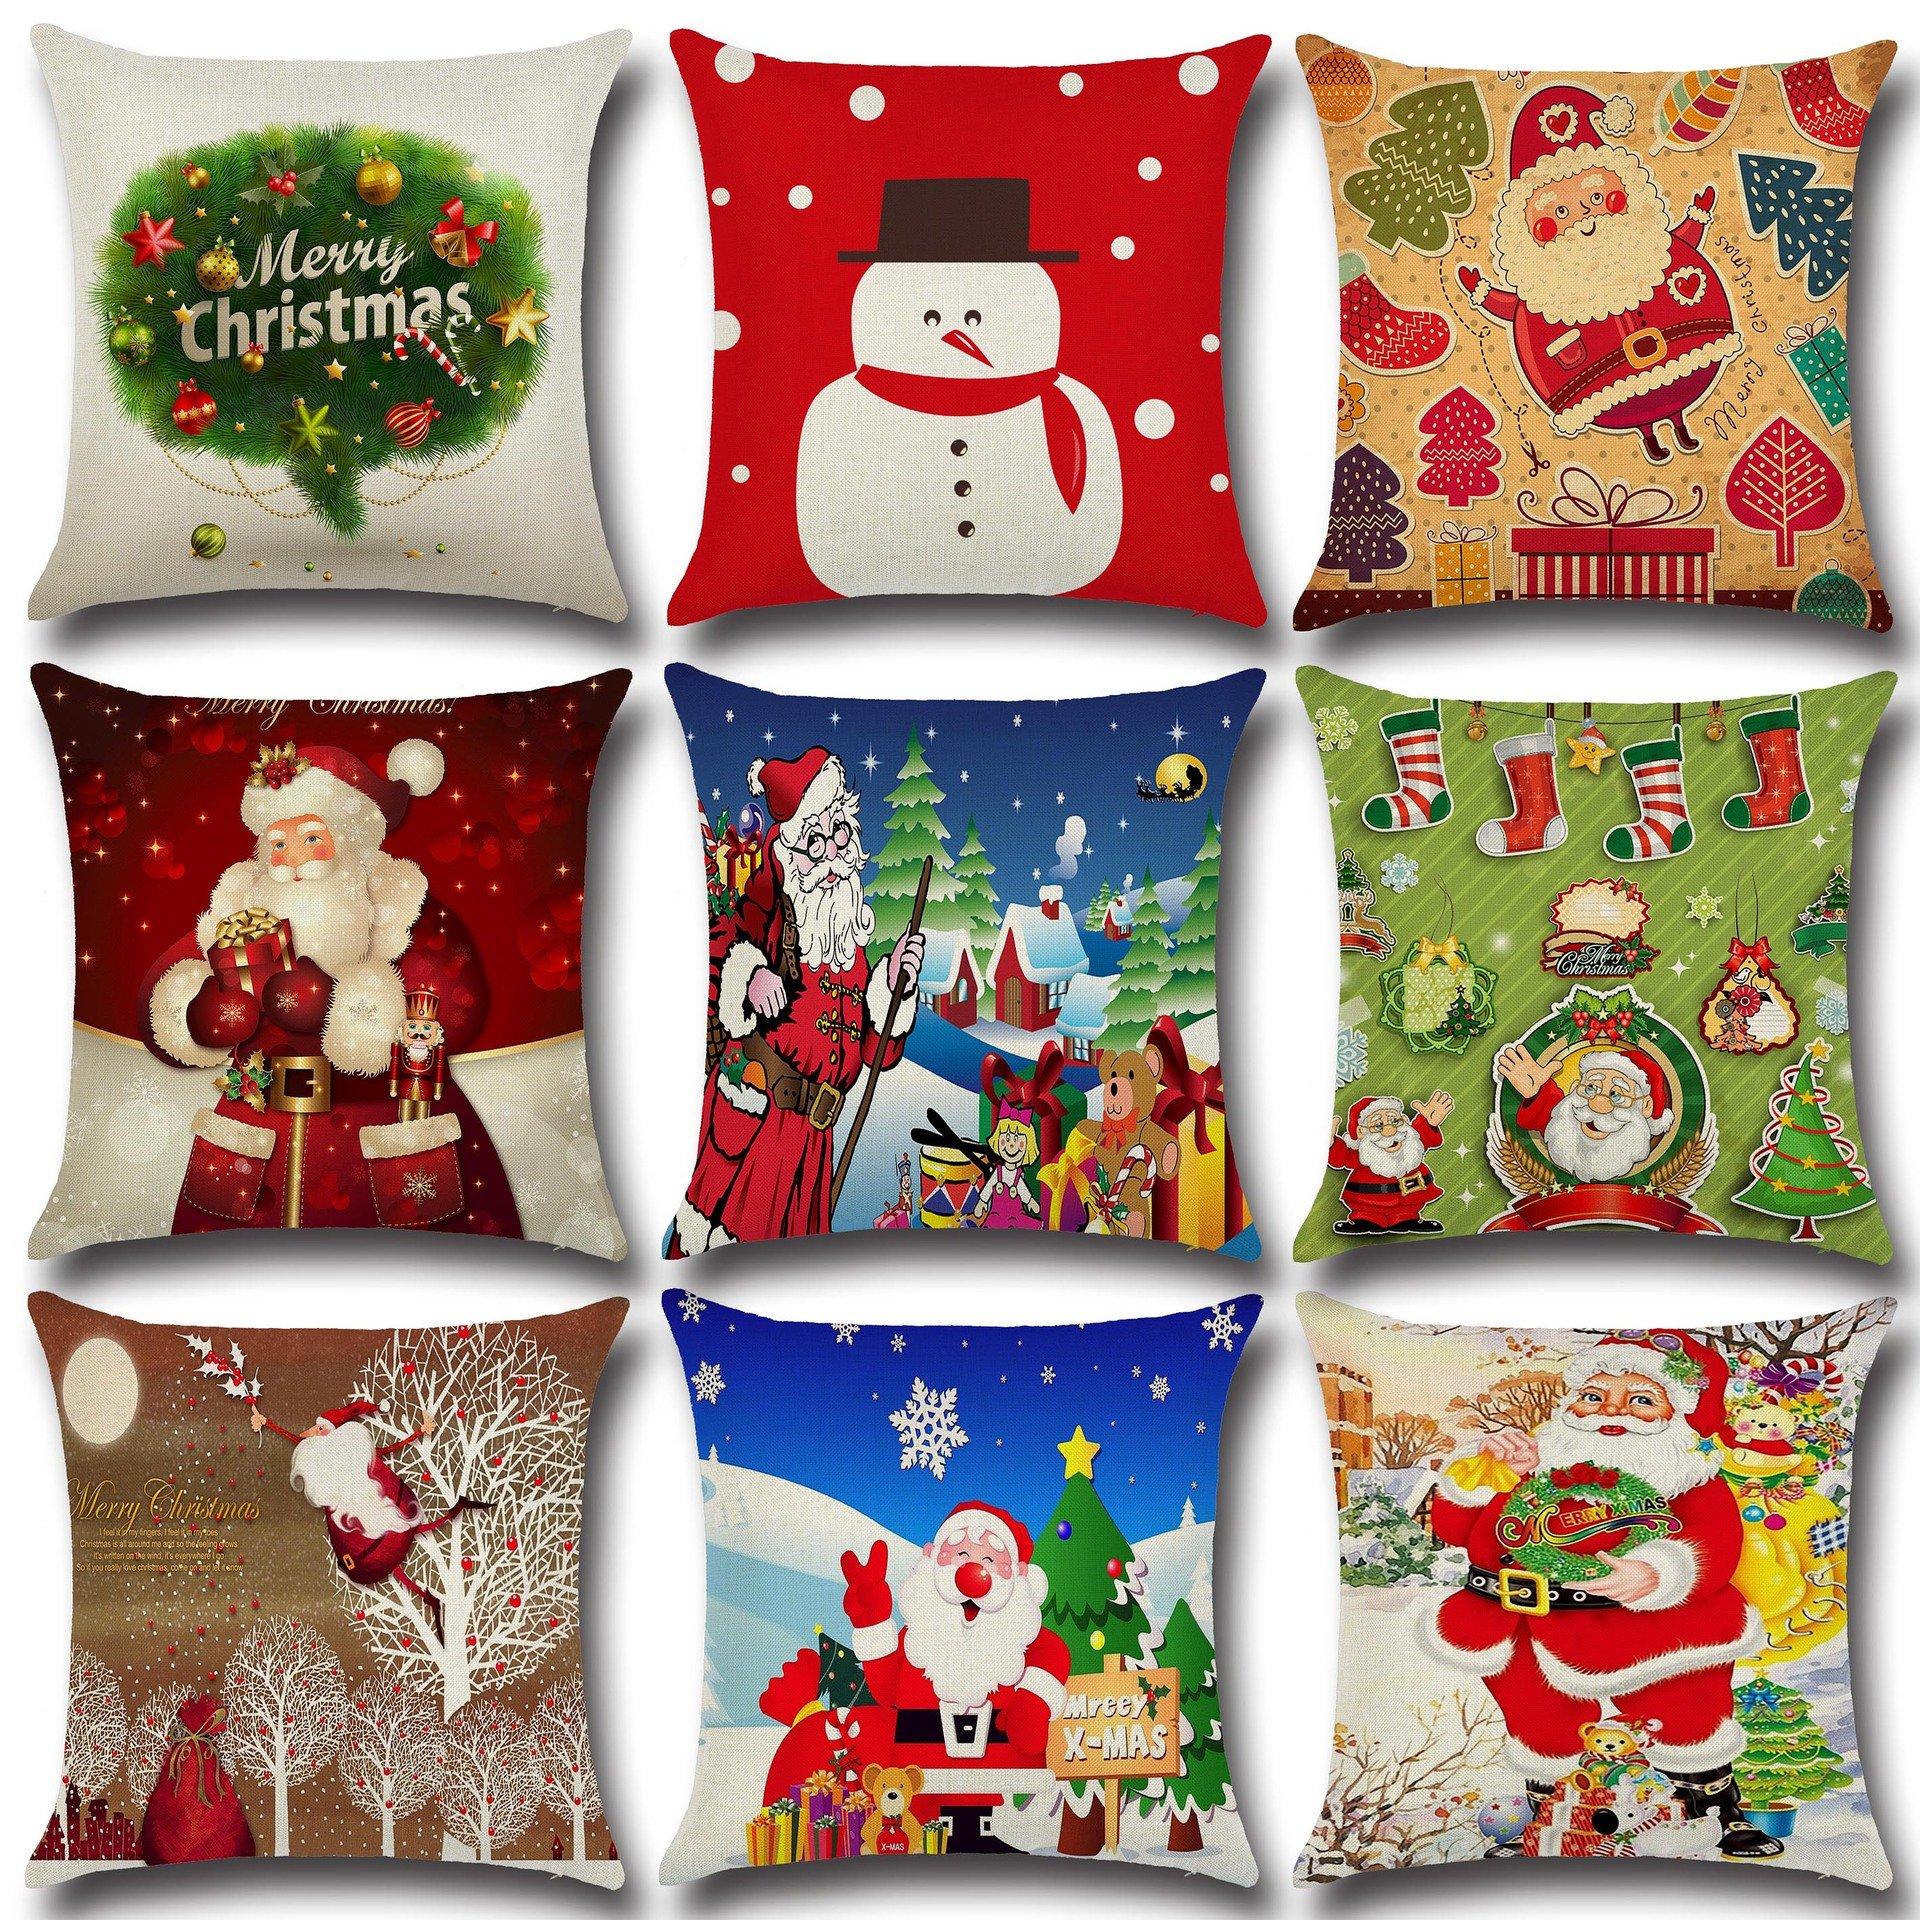 Retro Cartoon Christmas Santa Printed Throw Pillow Cases Home Sofa Cushion Cover Christmas Decor